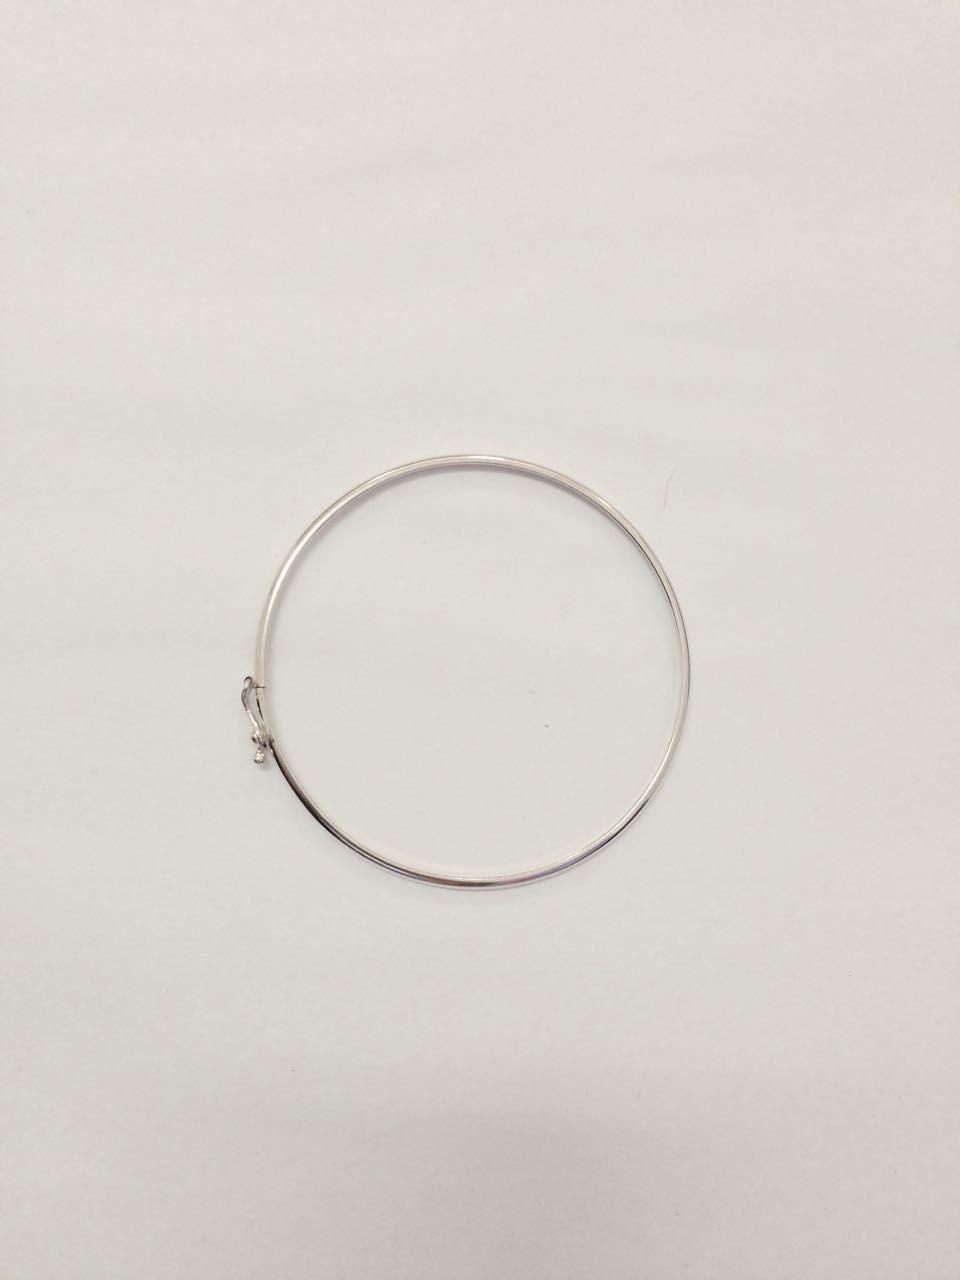 Bracelete de Prata Liso